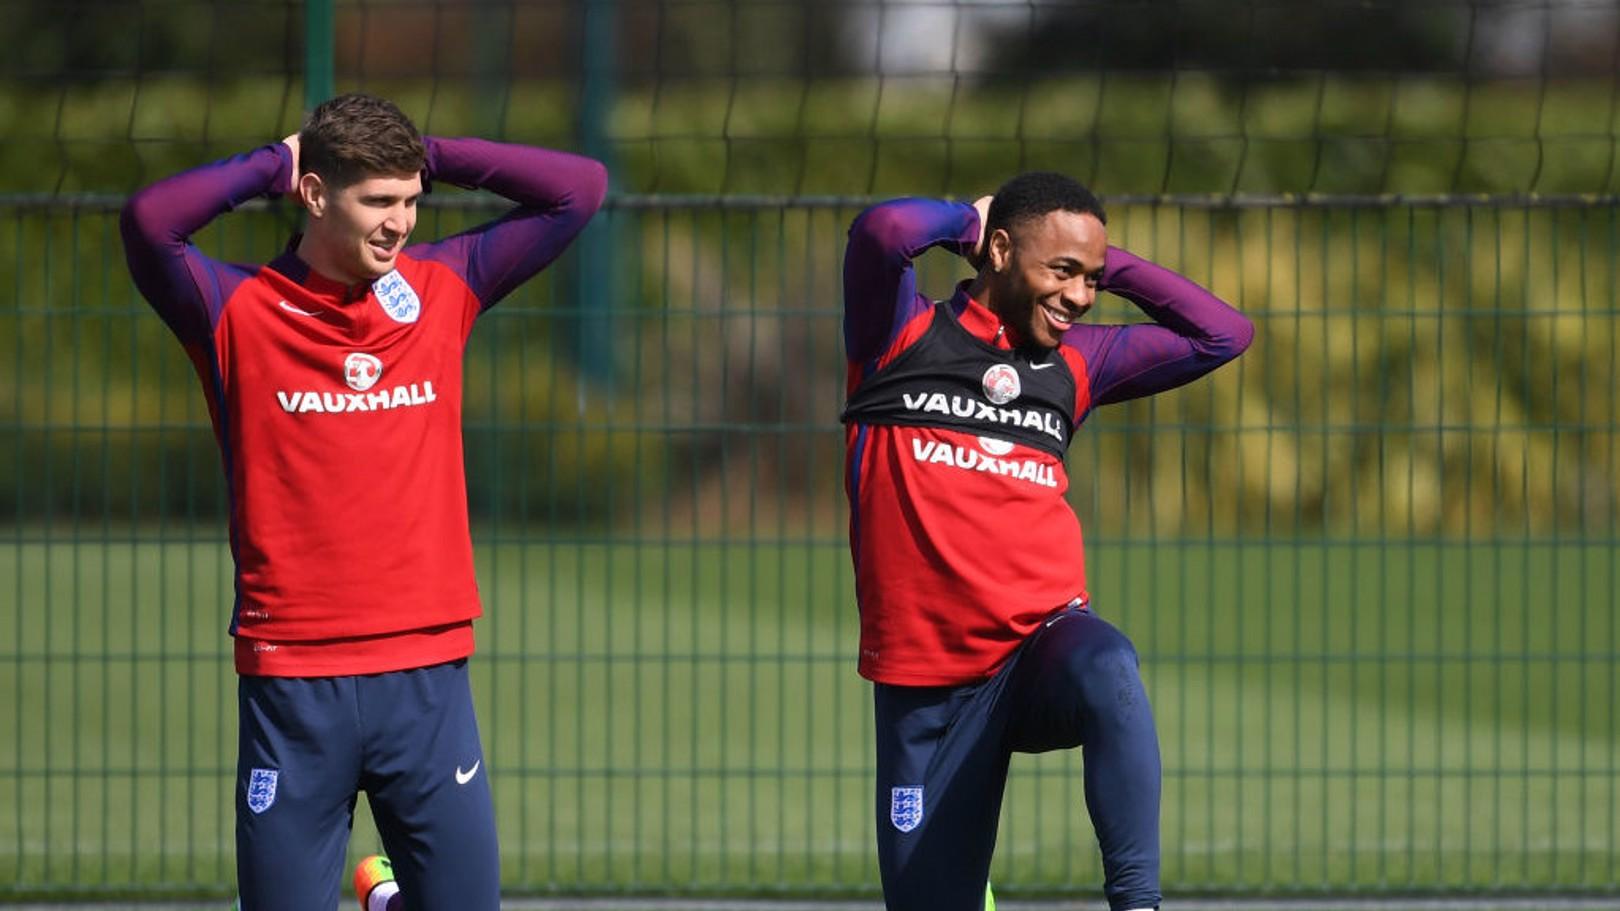 잉글랜드 대표팀에서 훈련 중인 스톤스와 스털링